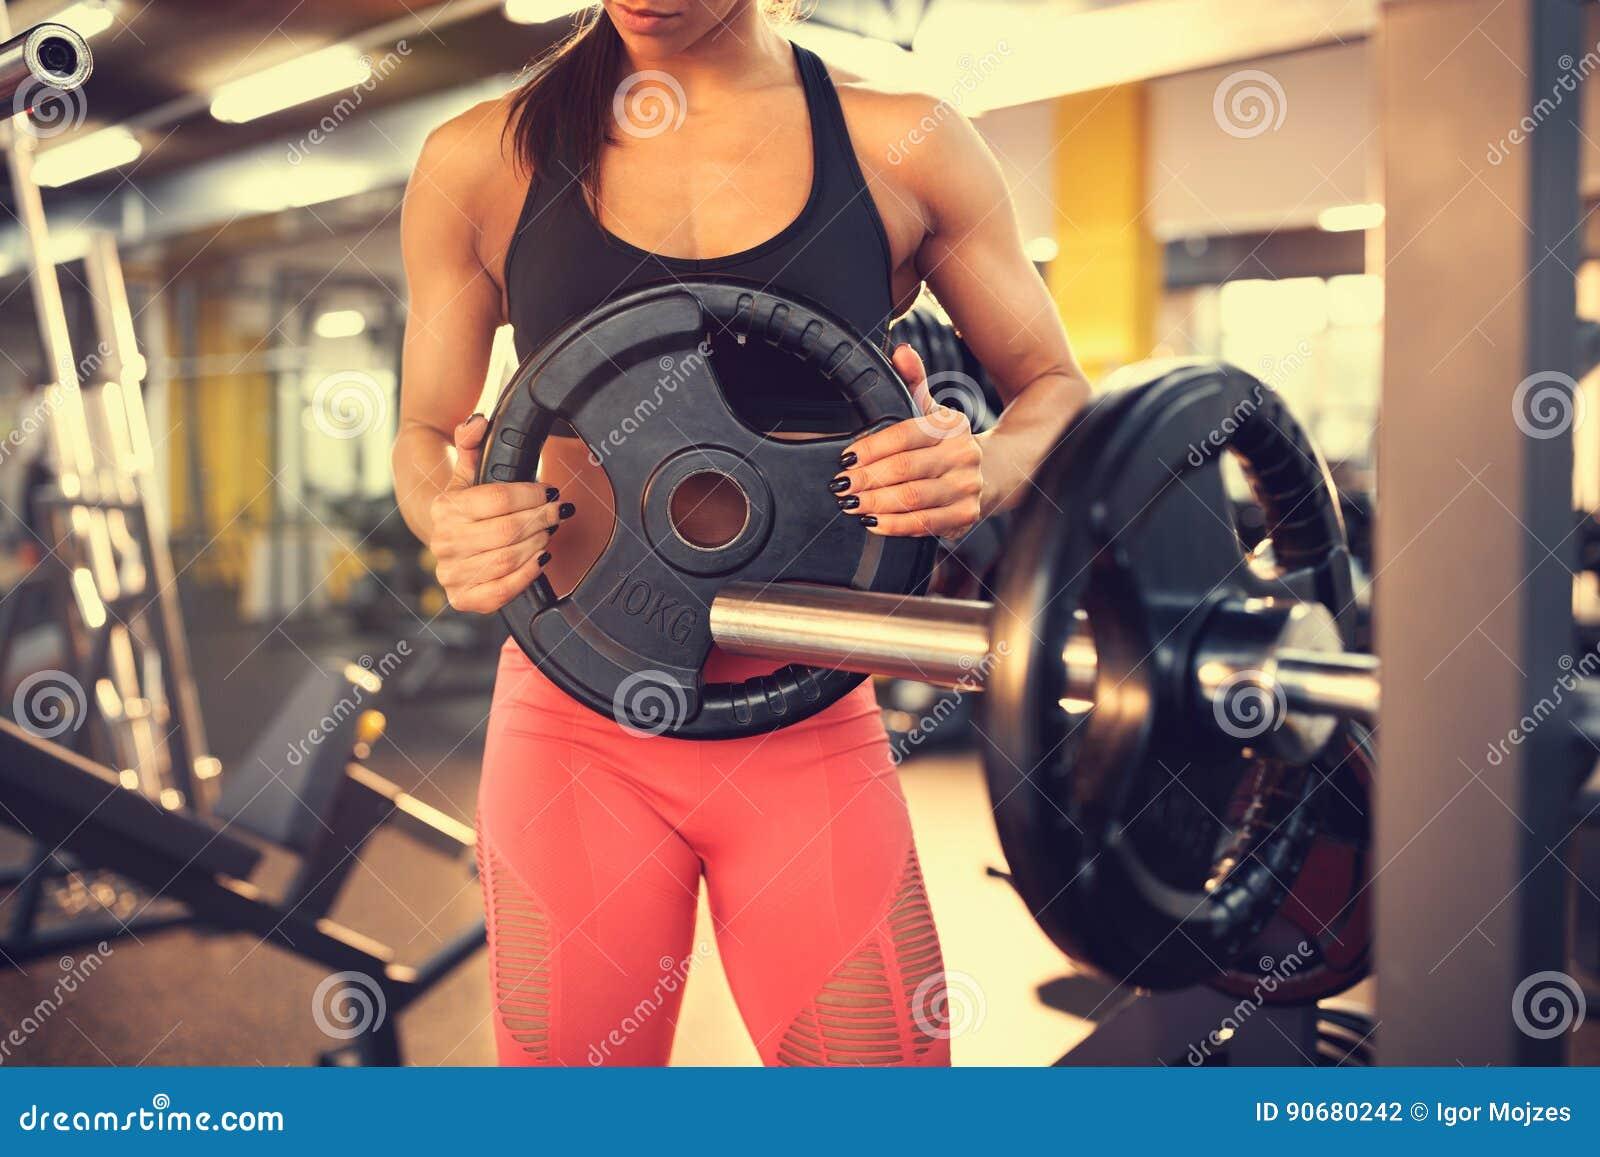 Hinzufügen von Gewichten auf Barbell, Konzept